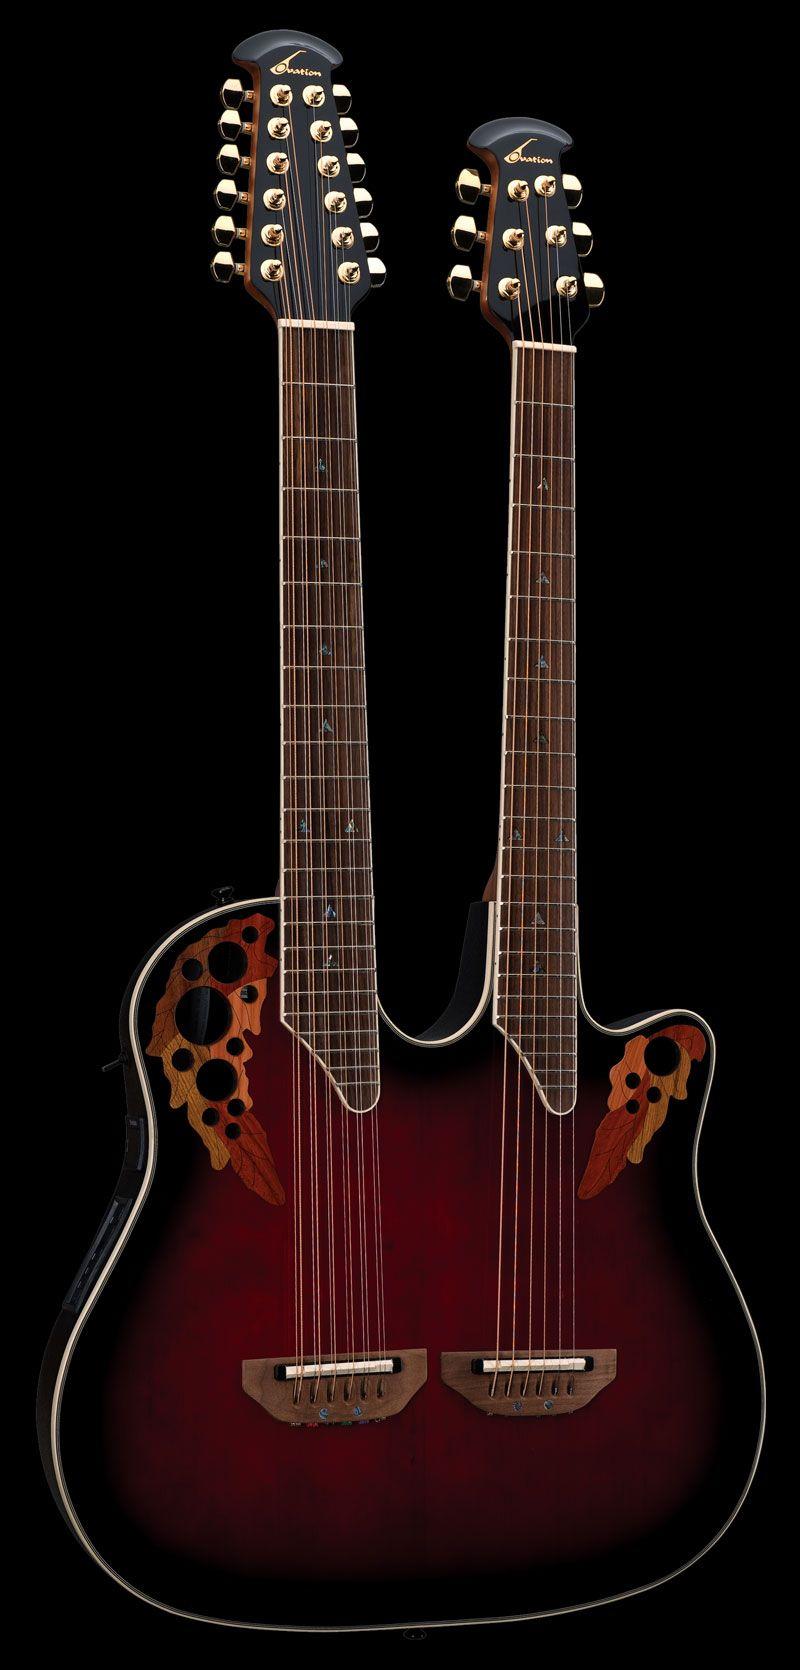 Ovation Cse225 Rrb Double Neck Acoustic Electric Guitar With Images Ovation Guitar Guitar Acoustic Guitar